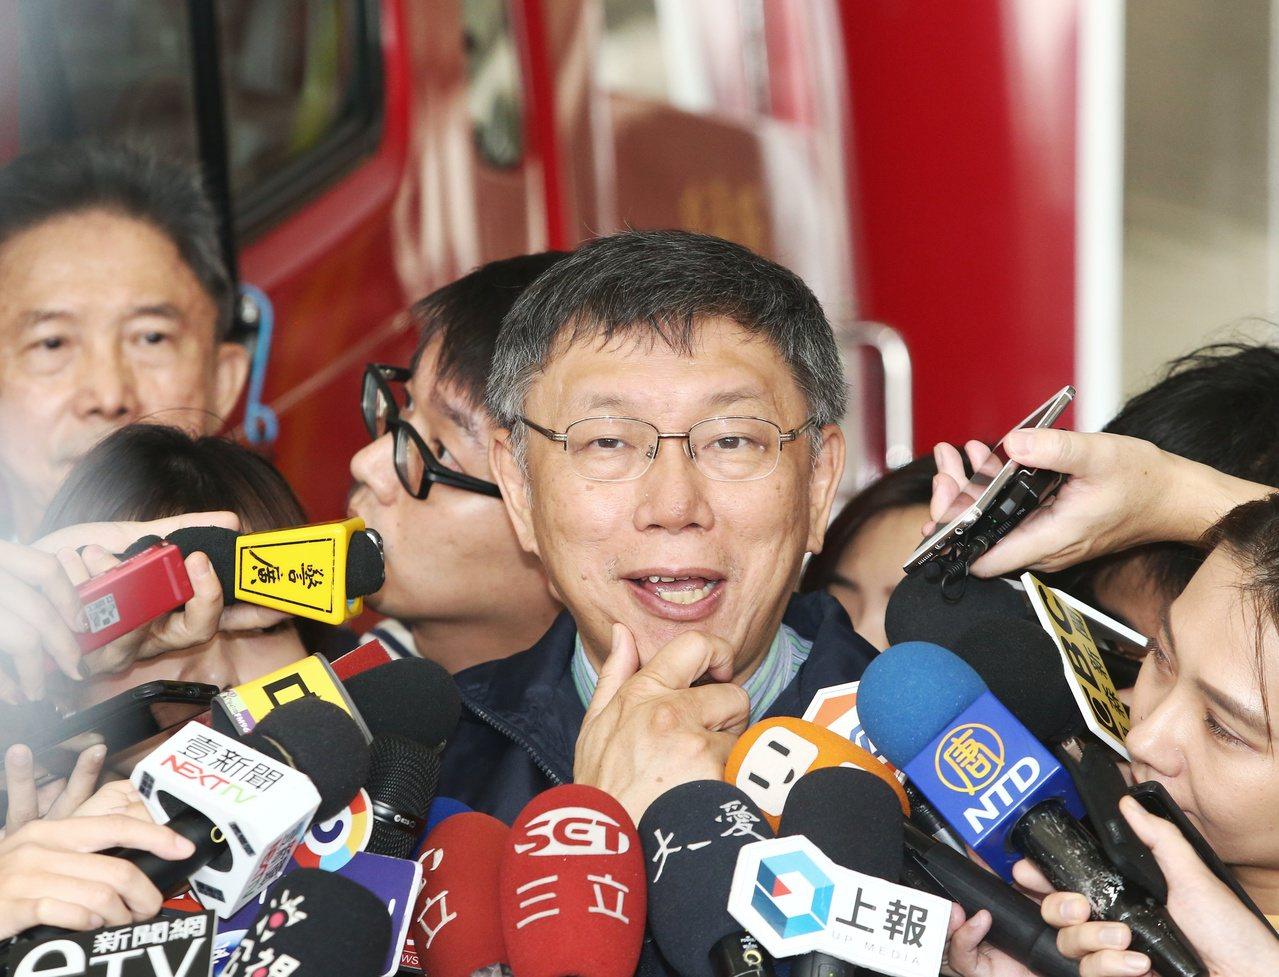 米塔颱風來襲,針對放假決定,台北市長柯文哲表示,放假是北北基討論後的共識。記者曾...